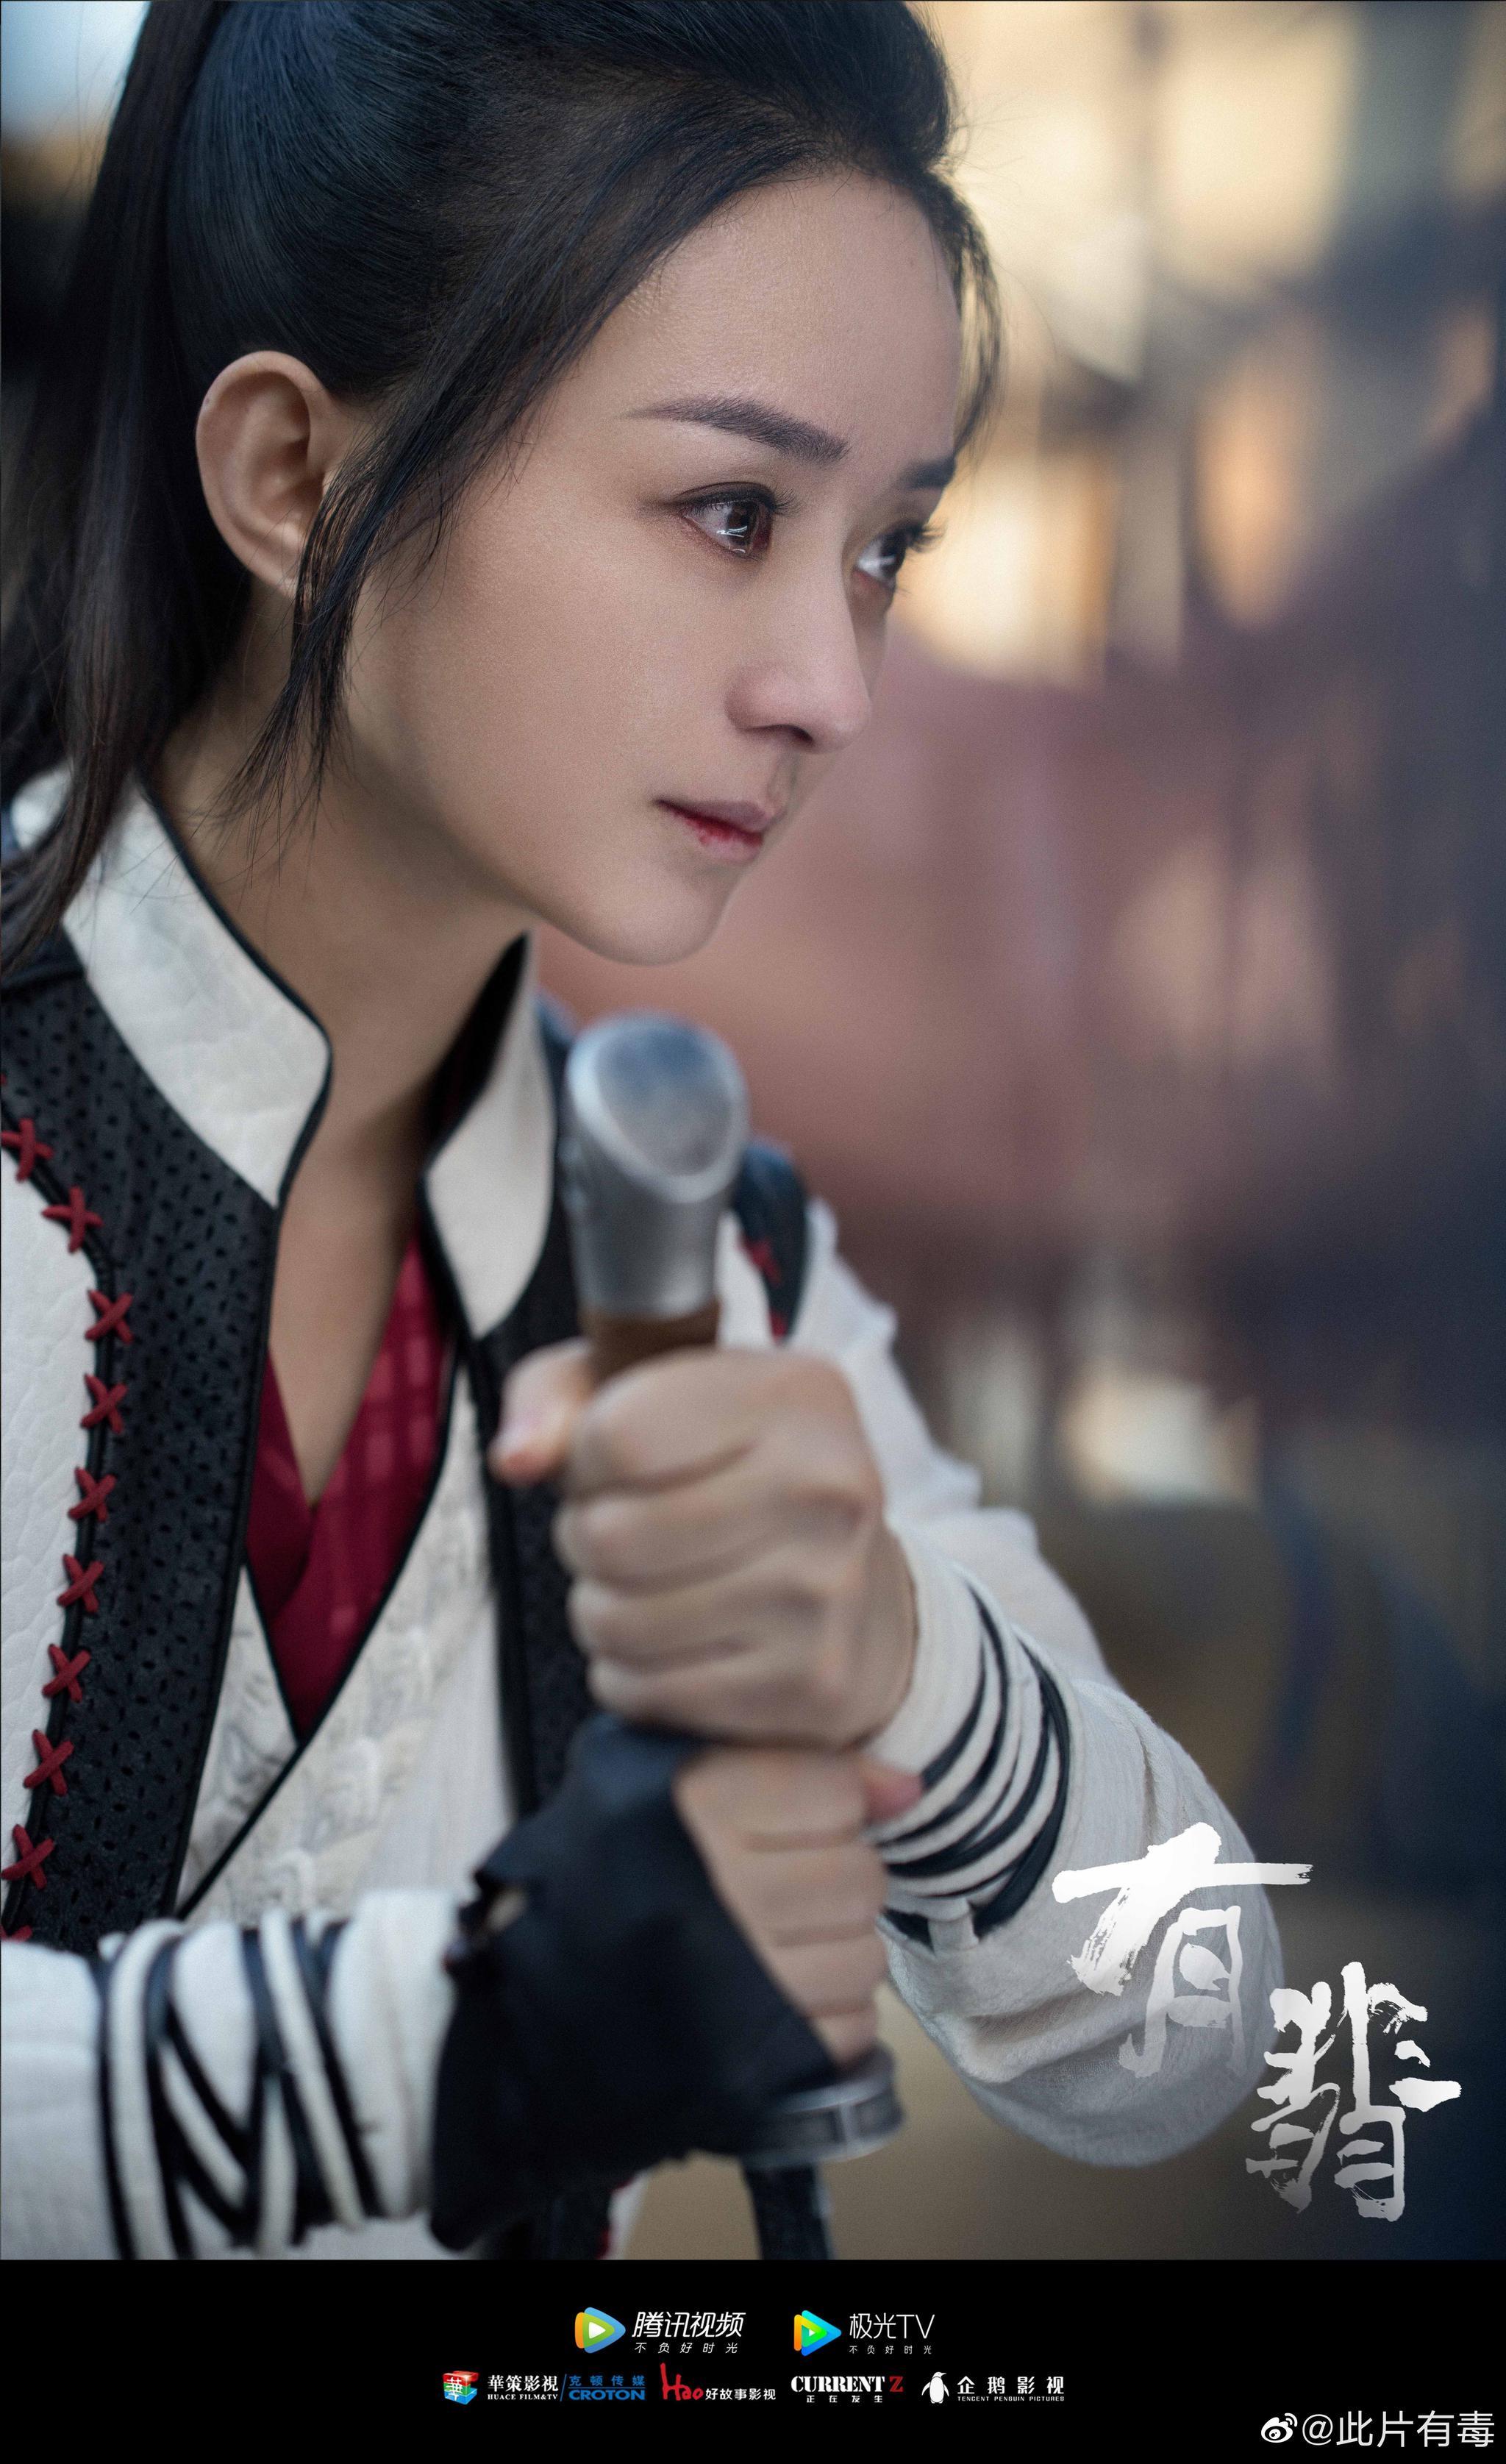 赵丽颖、王一博《有翡》最新剧照你觉得造型和状态🉑️吗